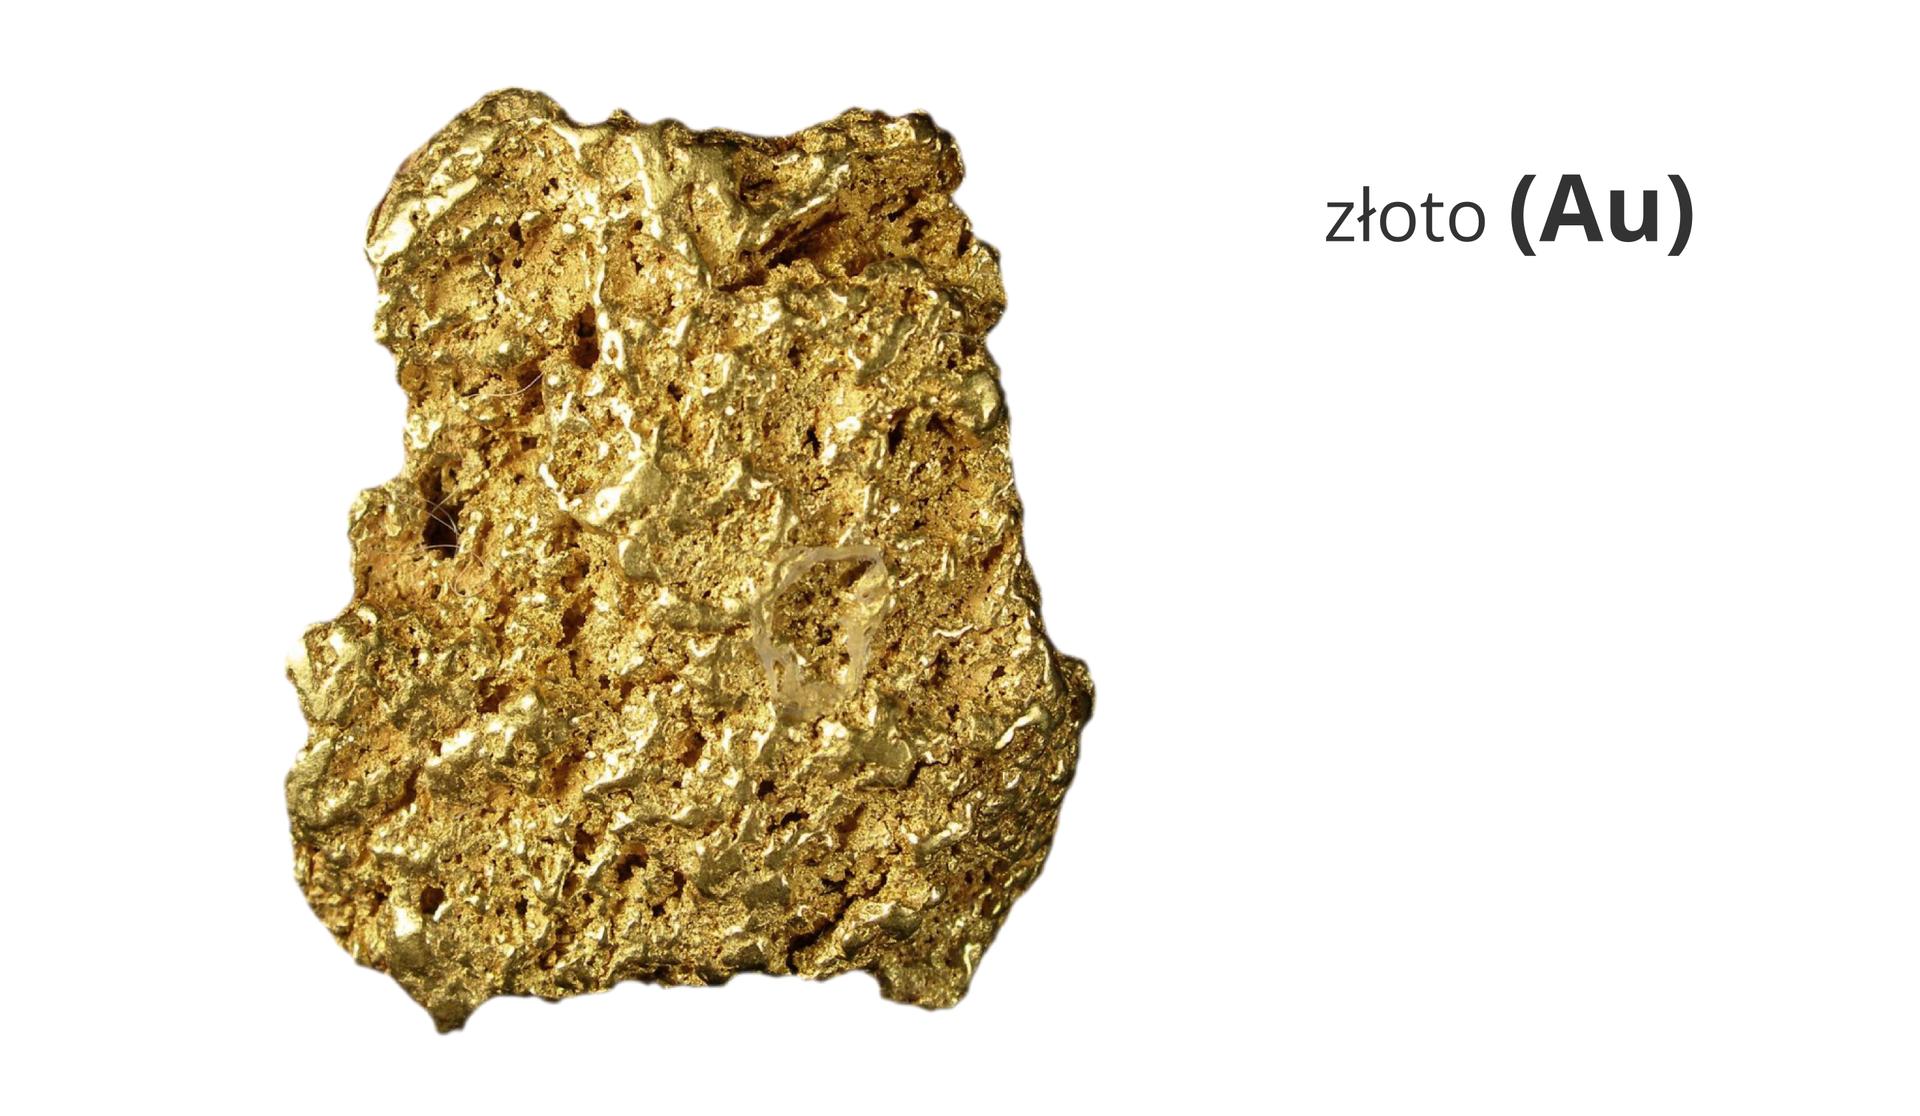 Zdjęcie przedstawia złoty samorodek. Obok widnieje napis złoto ijego symbol Au.